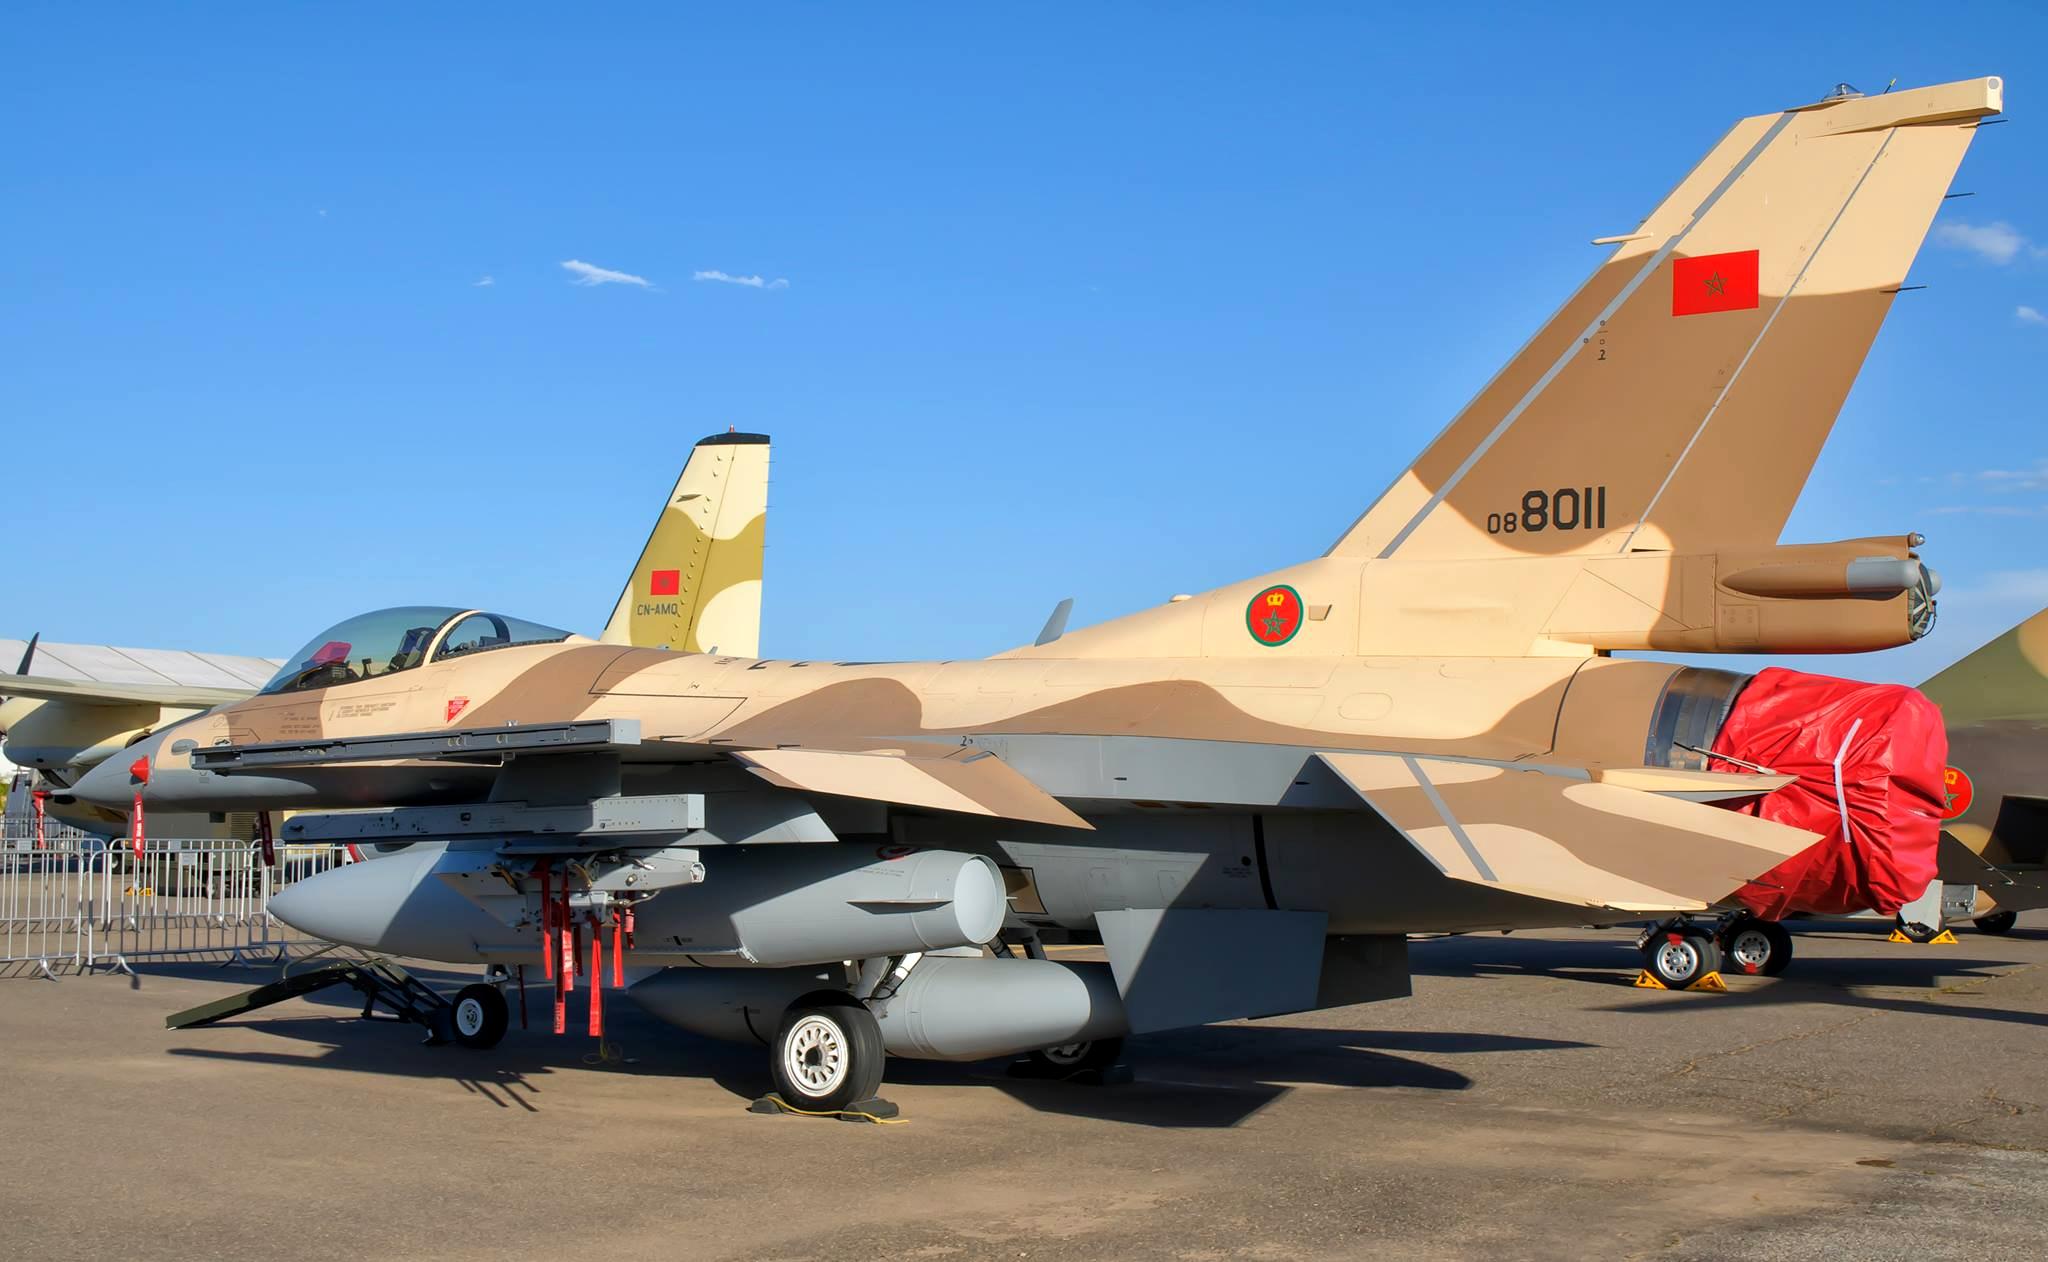 القوات الجوية الملكية المغربية - متجدد - - صفحة 2 160201071015478102